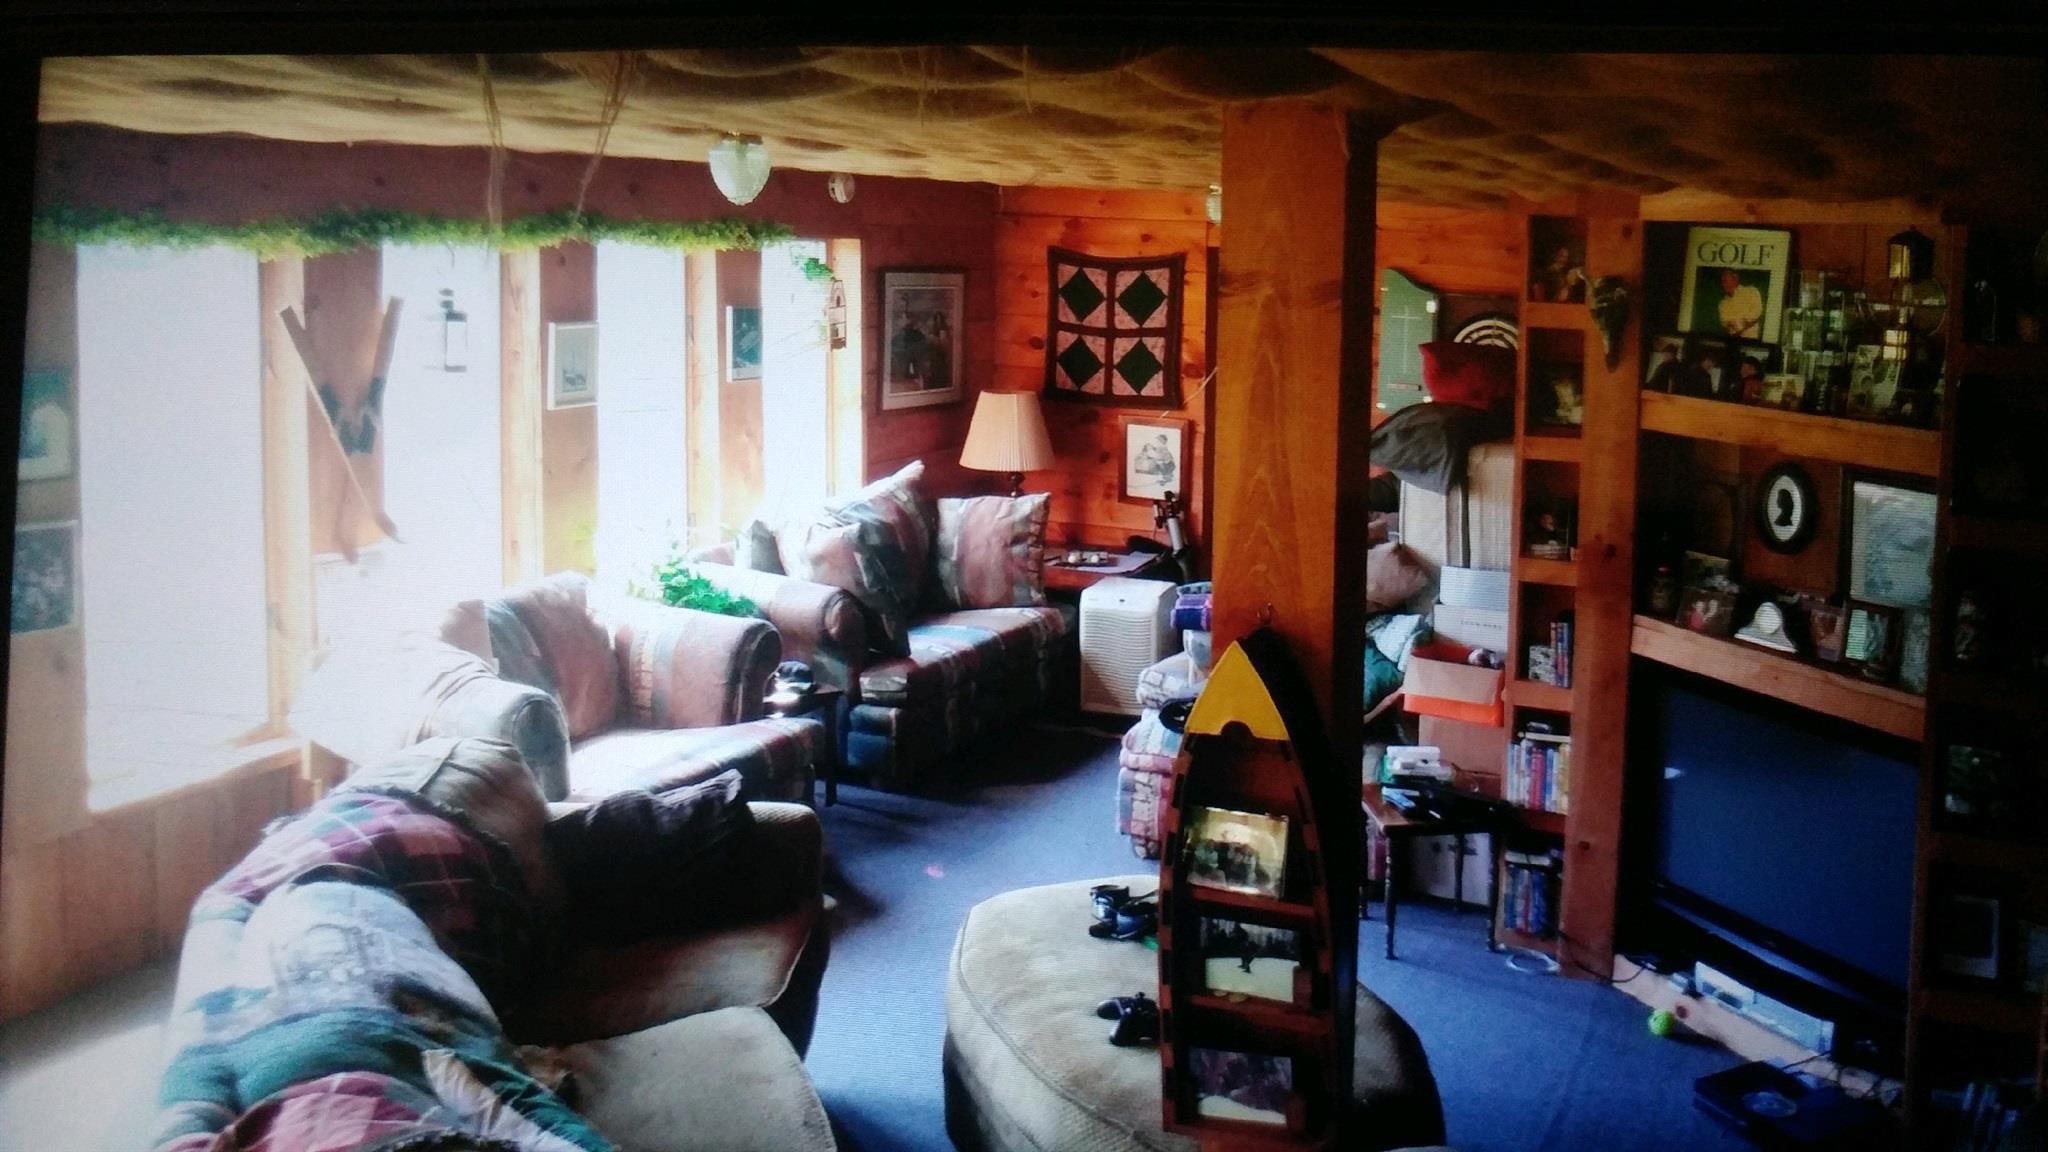 Gloversville image 78